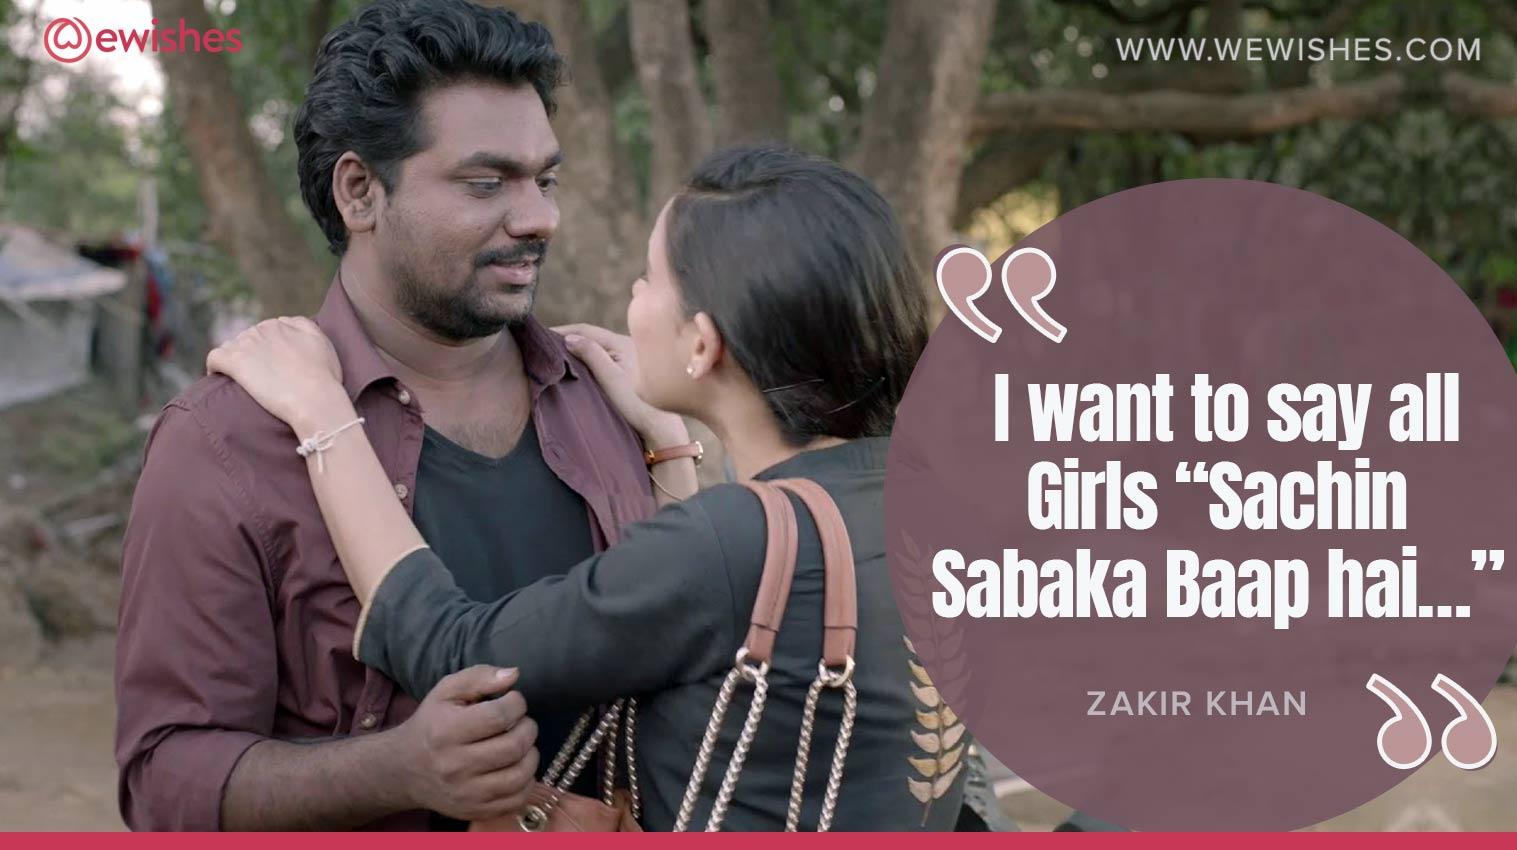 Sachin Sabaka Baap hai